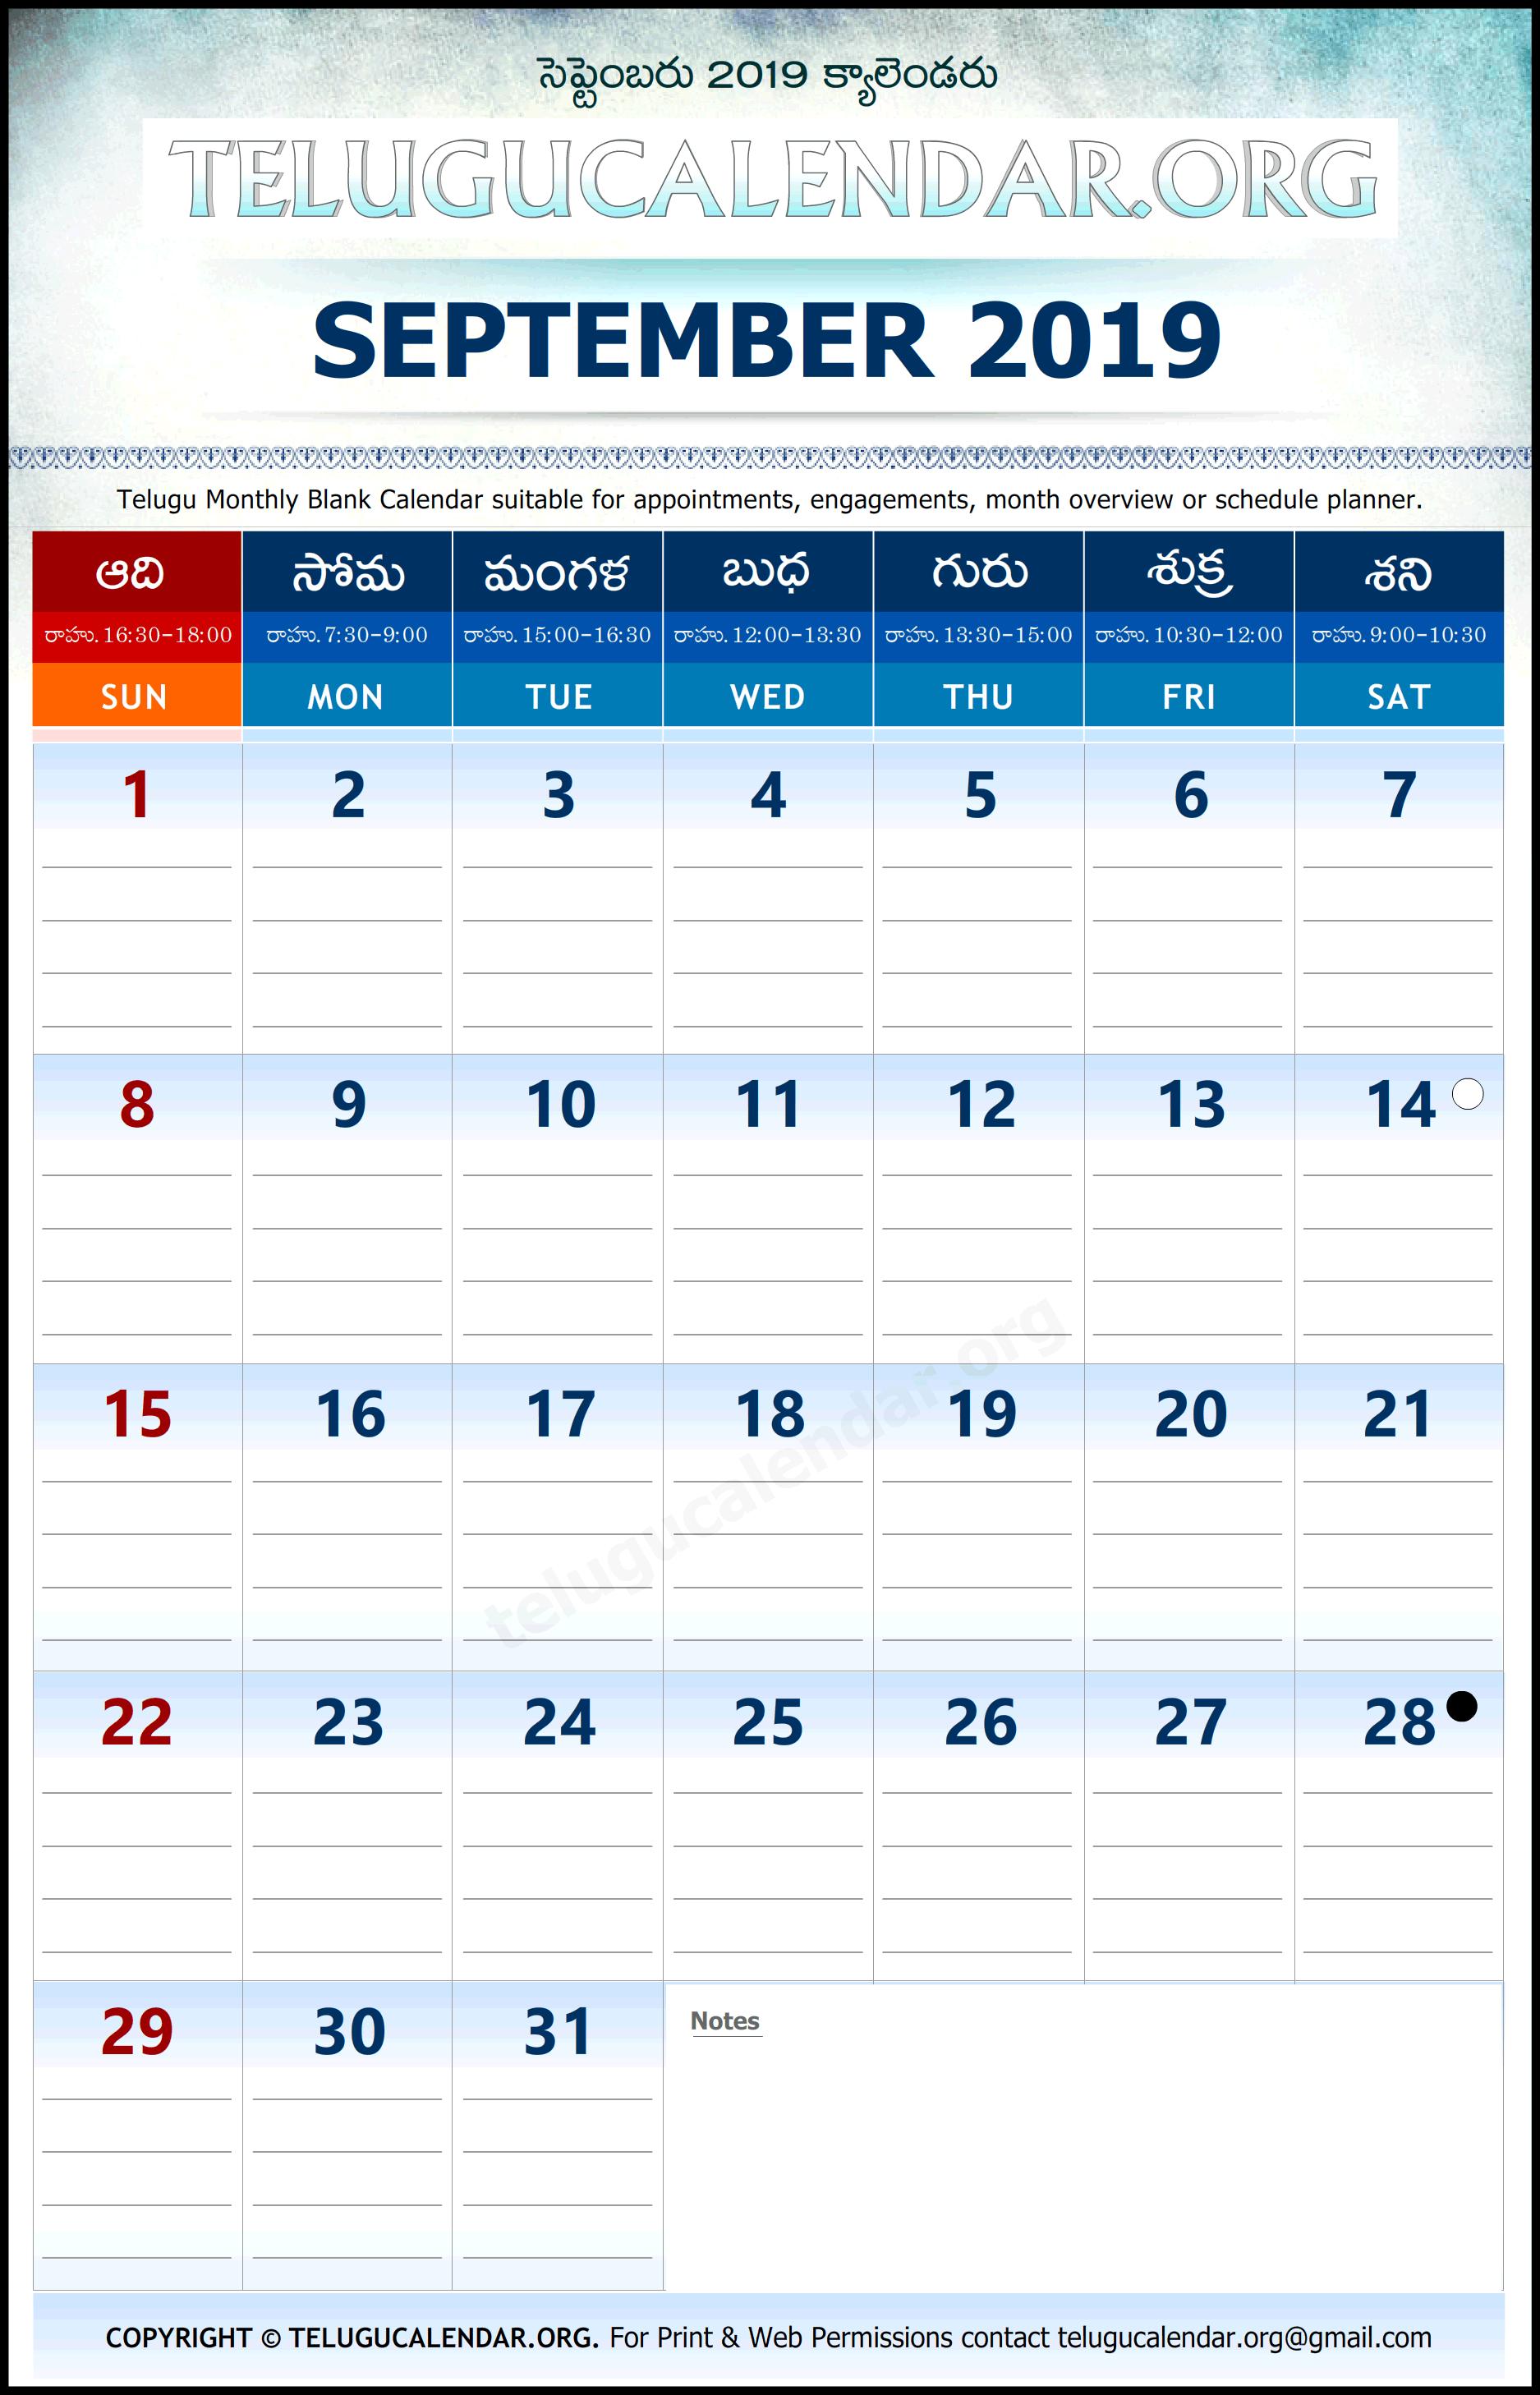 Calendar Planner September 2019.Telugu Calendar 2019 September Planner Telugu Calendar